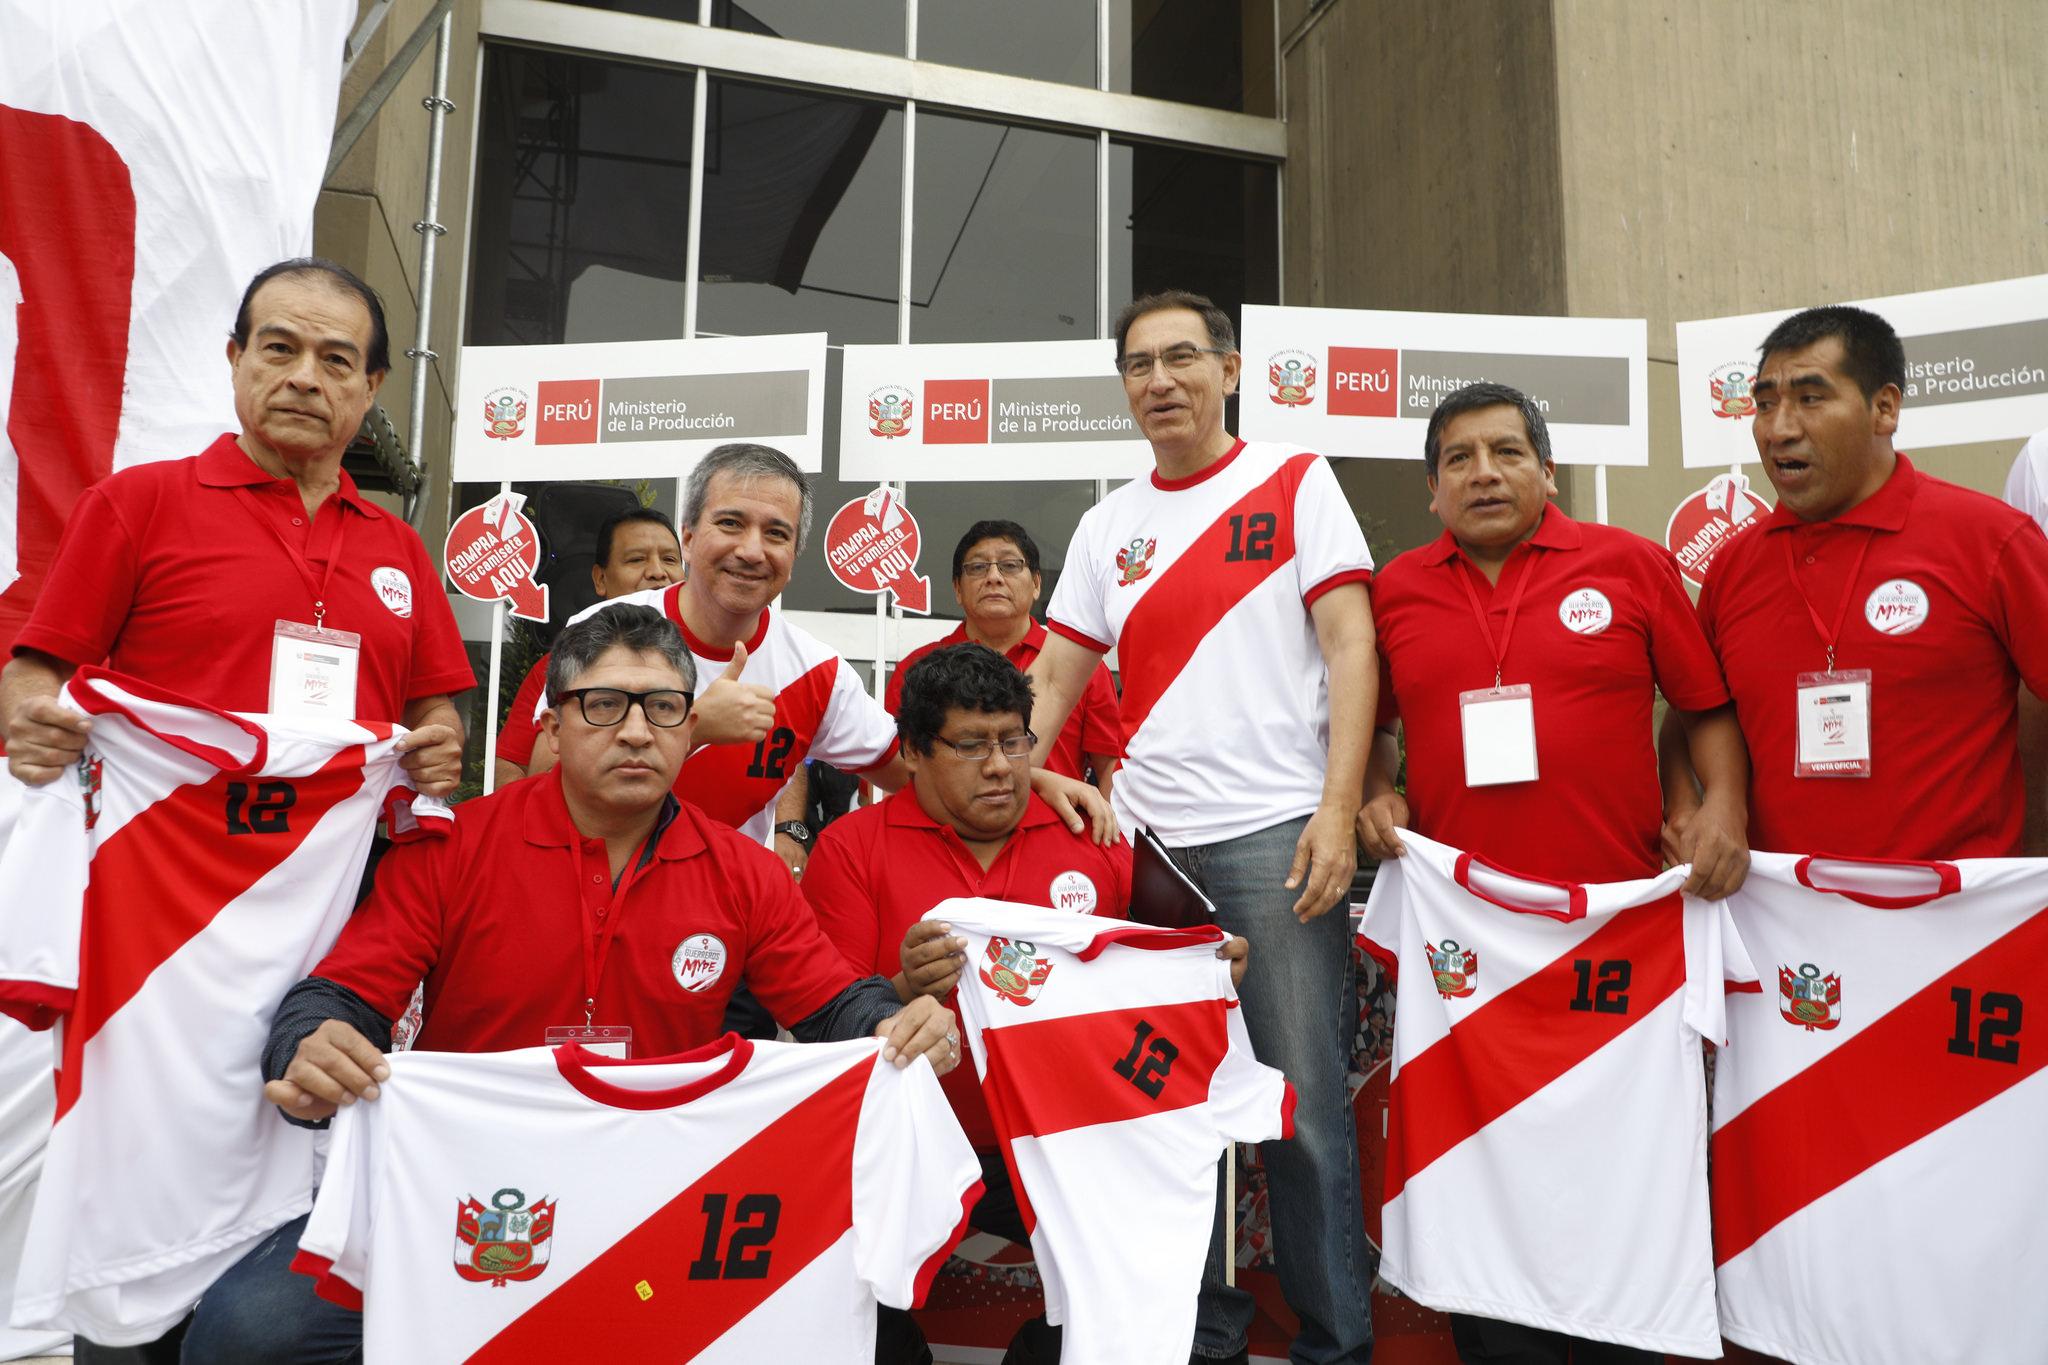 guerreros mype 3 - Perú: Guerreros MYPE busca impulsar la venta de camisetas de la selección